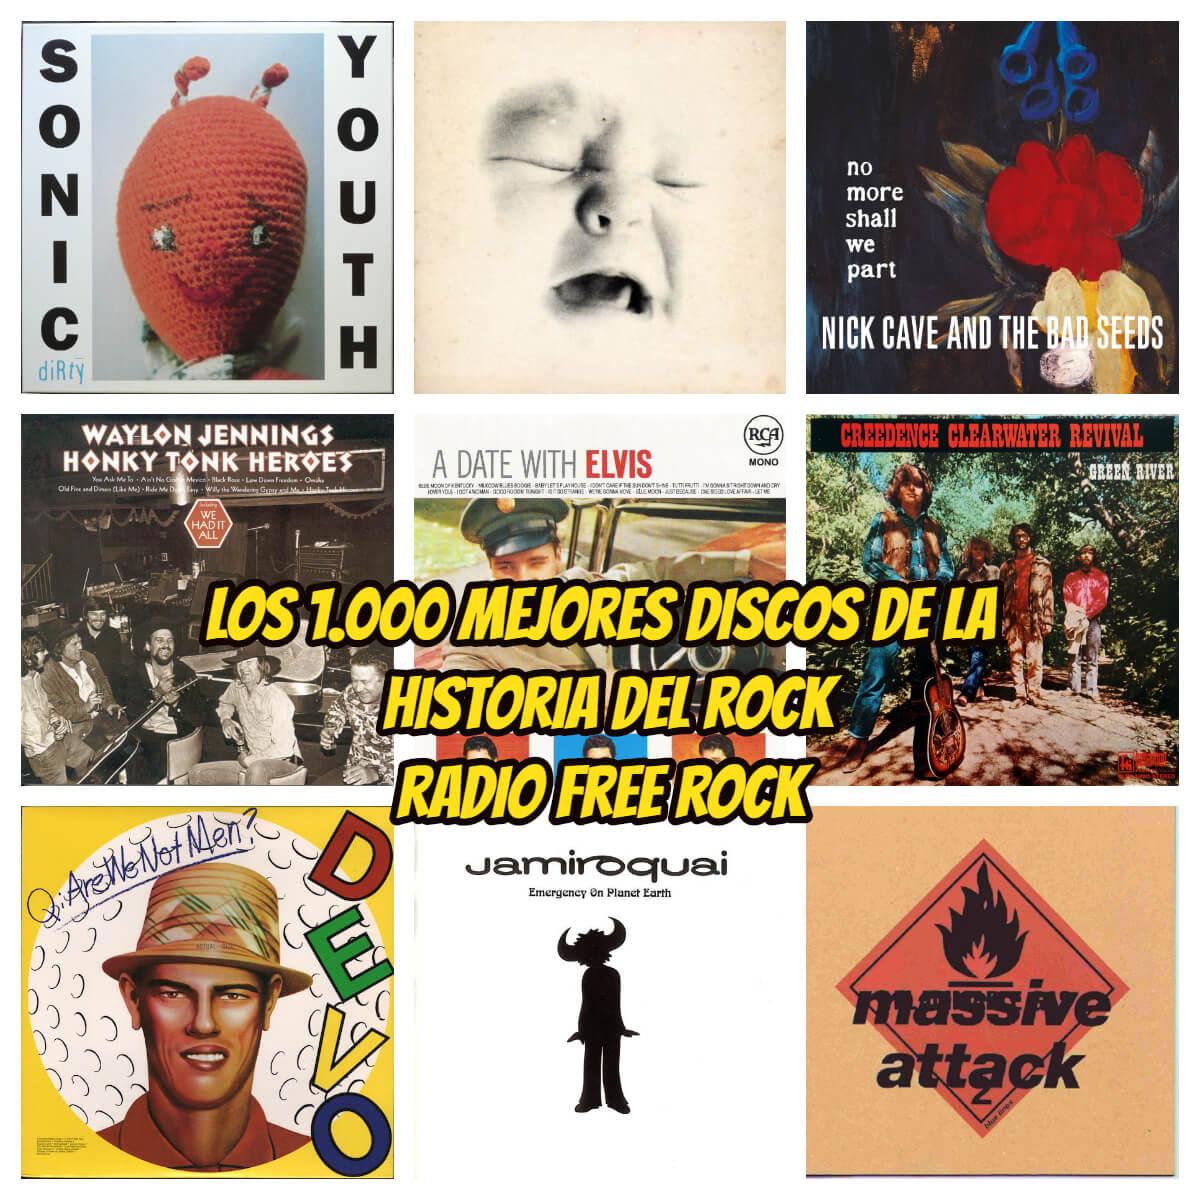 1000-mejores-discos-de-la-historia-del-rock-9-la-gran-travesia-radio-free-rock